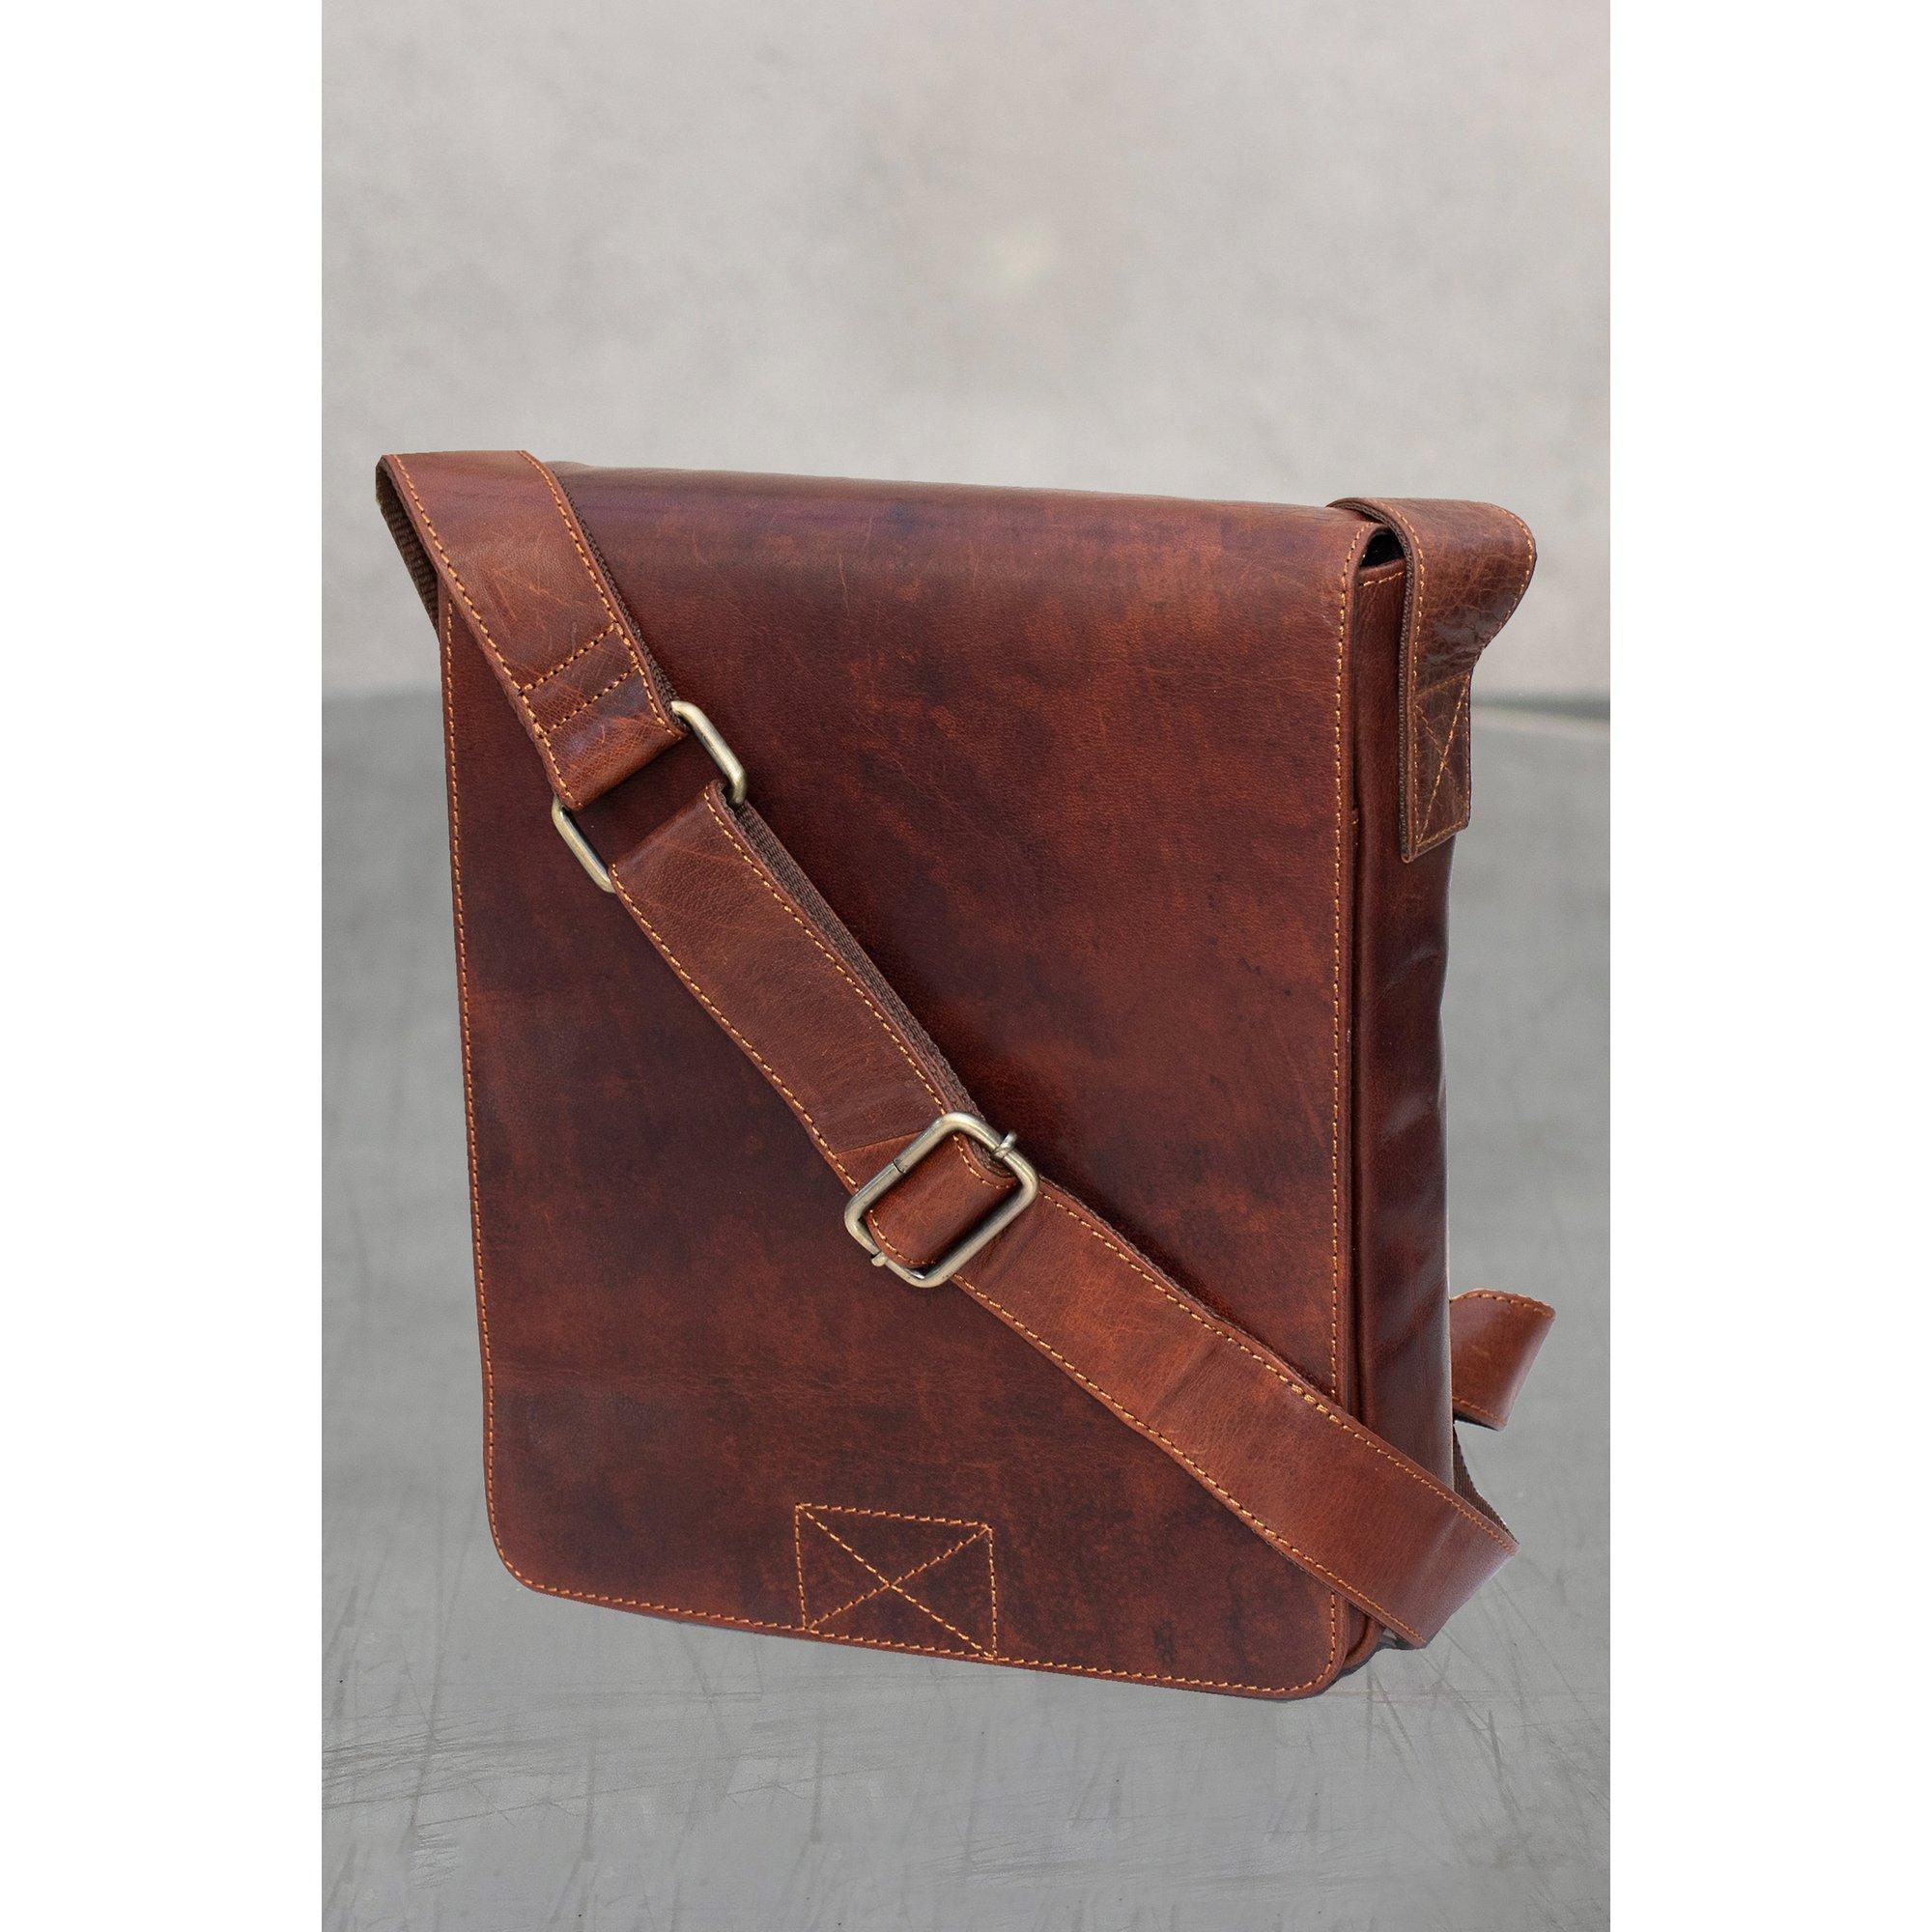 Image of Firelog Leather Messenger Bag